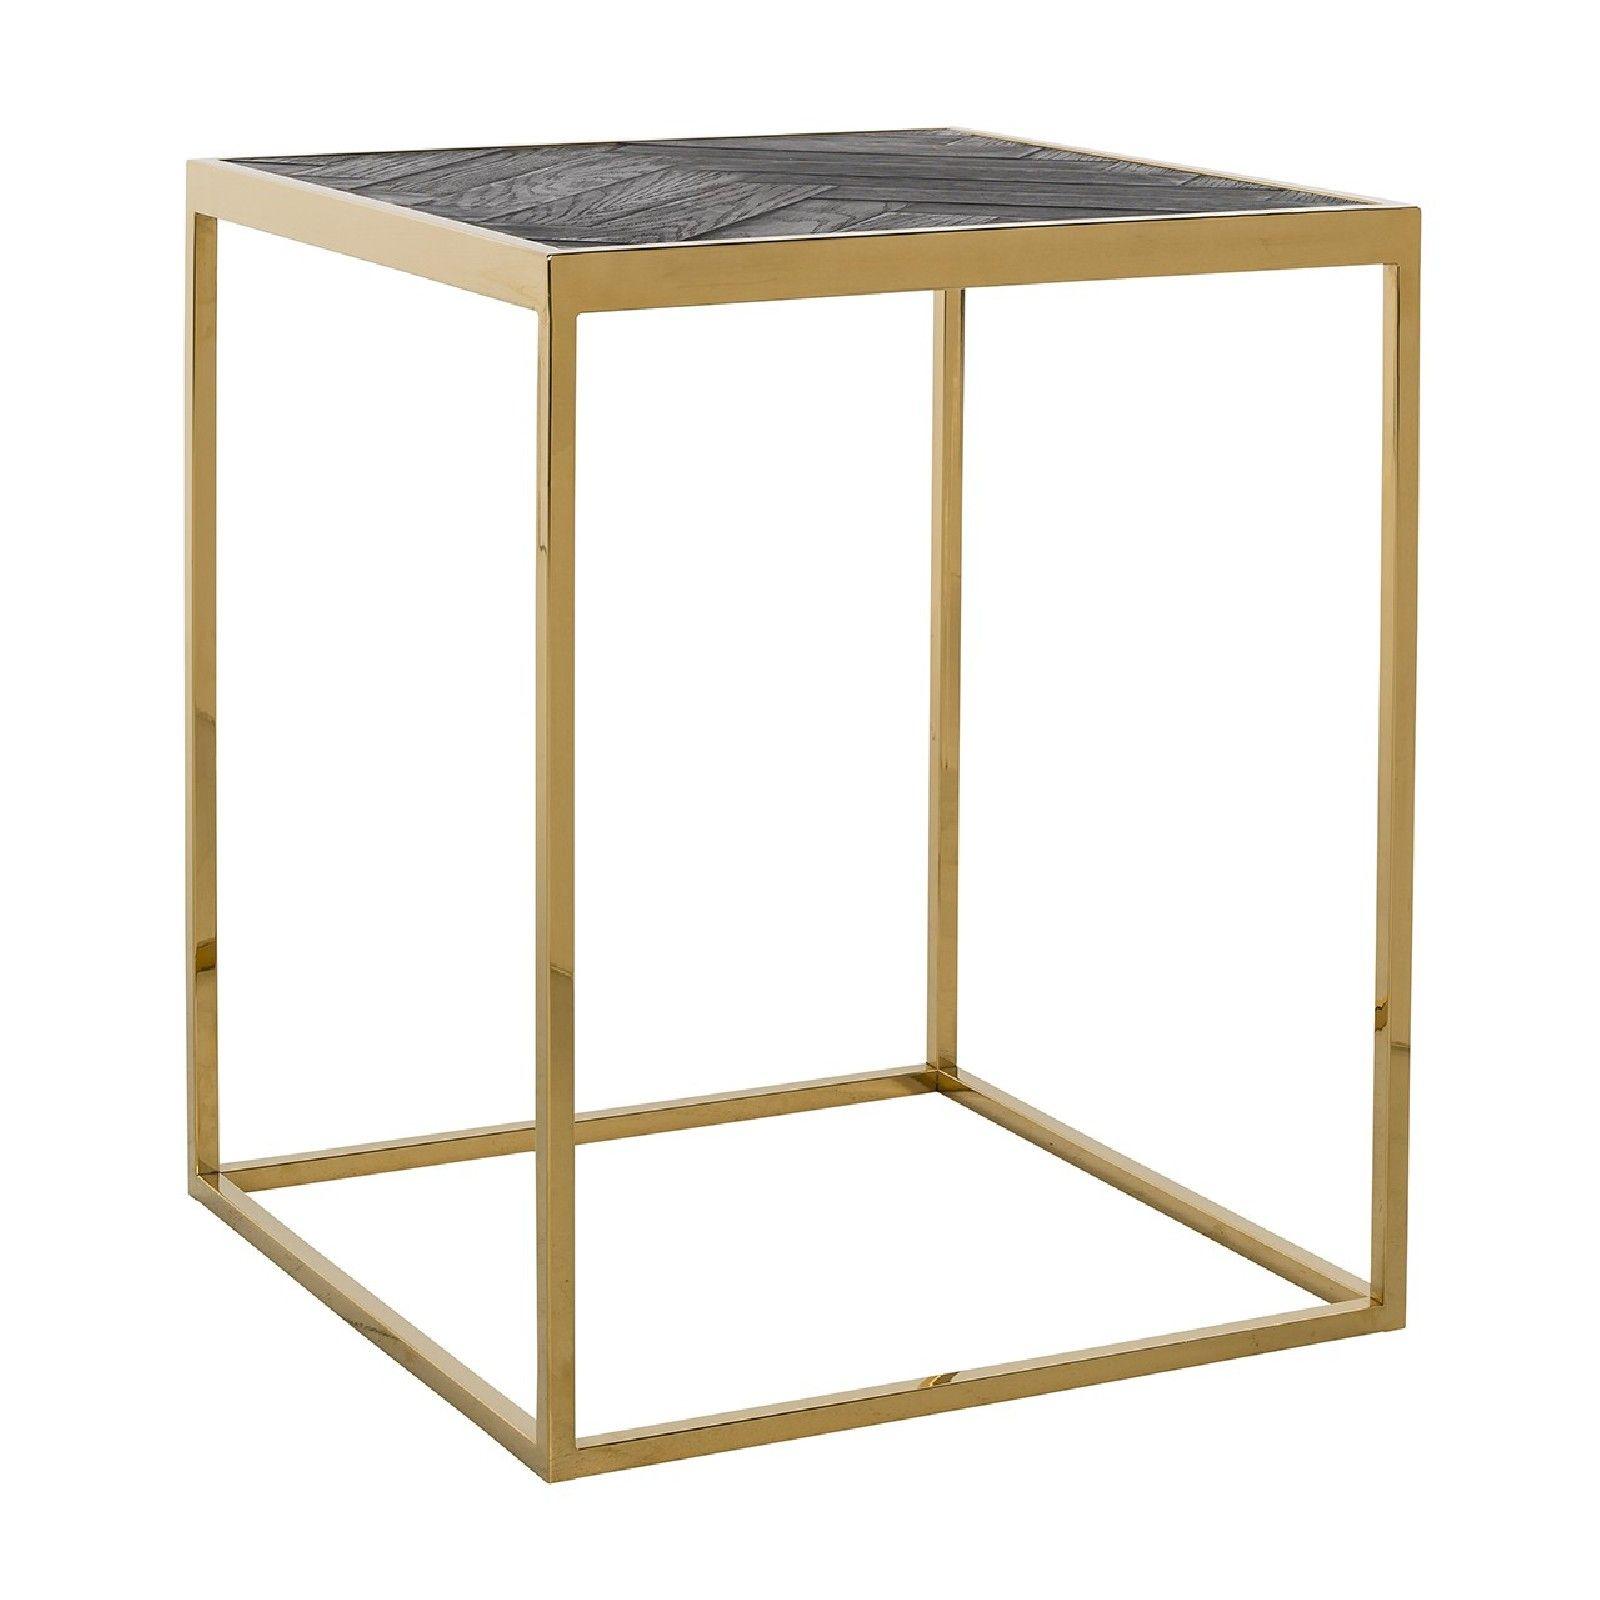 Table d'angle Blackbone gold 50x50 Meuble Déco Tendance - 57